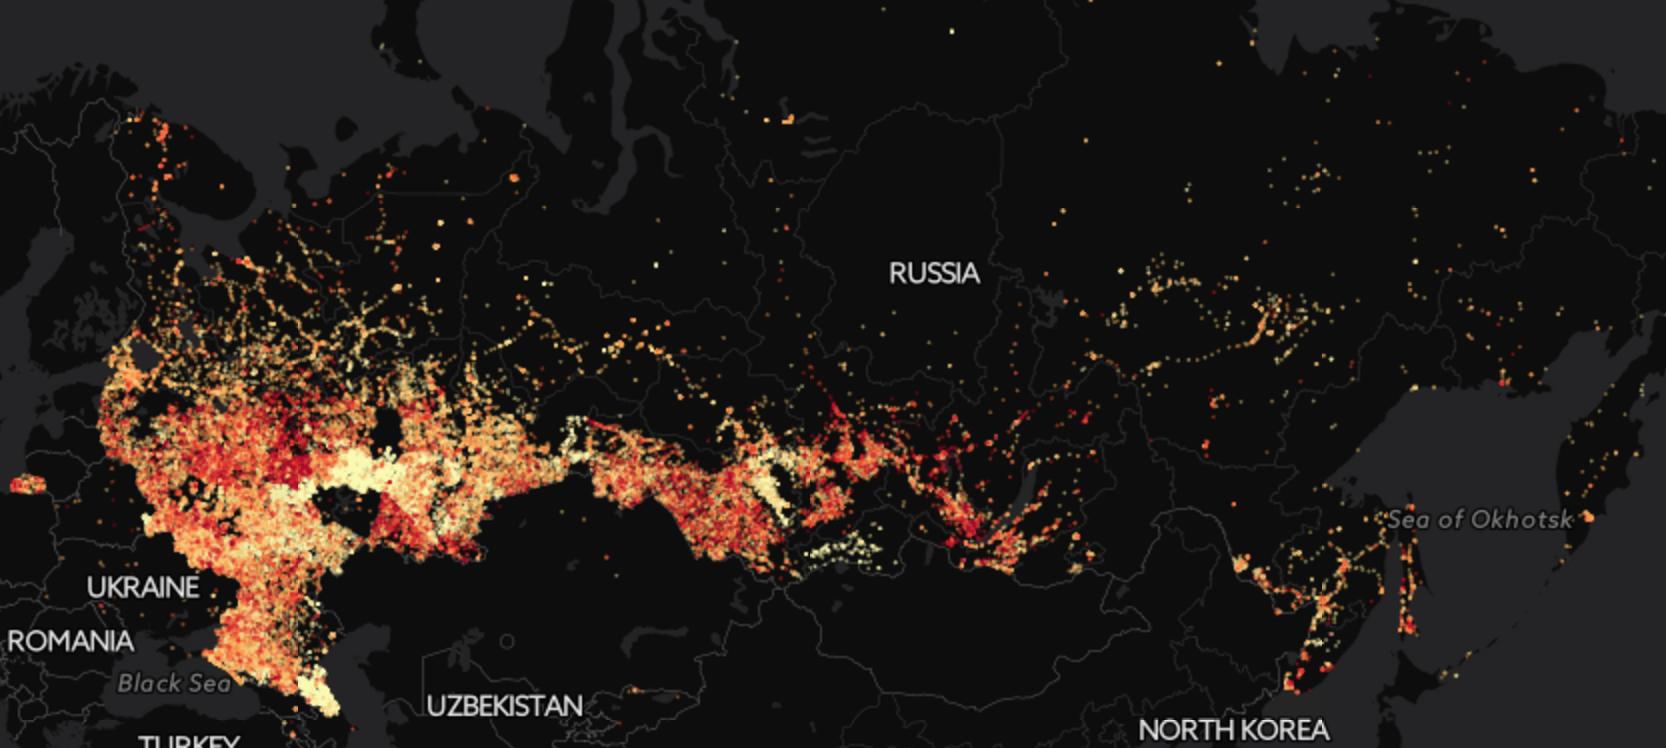 Анализ результатов выборов в Госдуму. Готовимся к голосованию 2016 года - 9